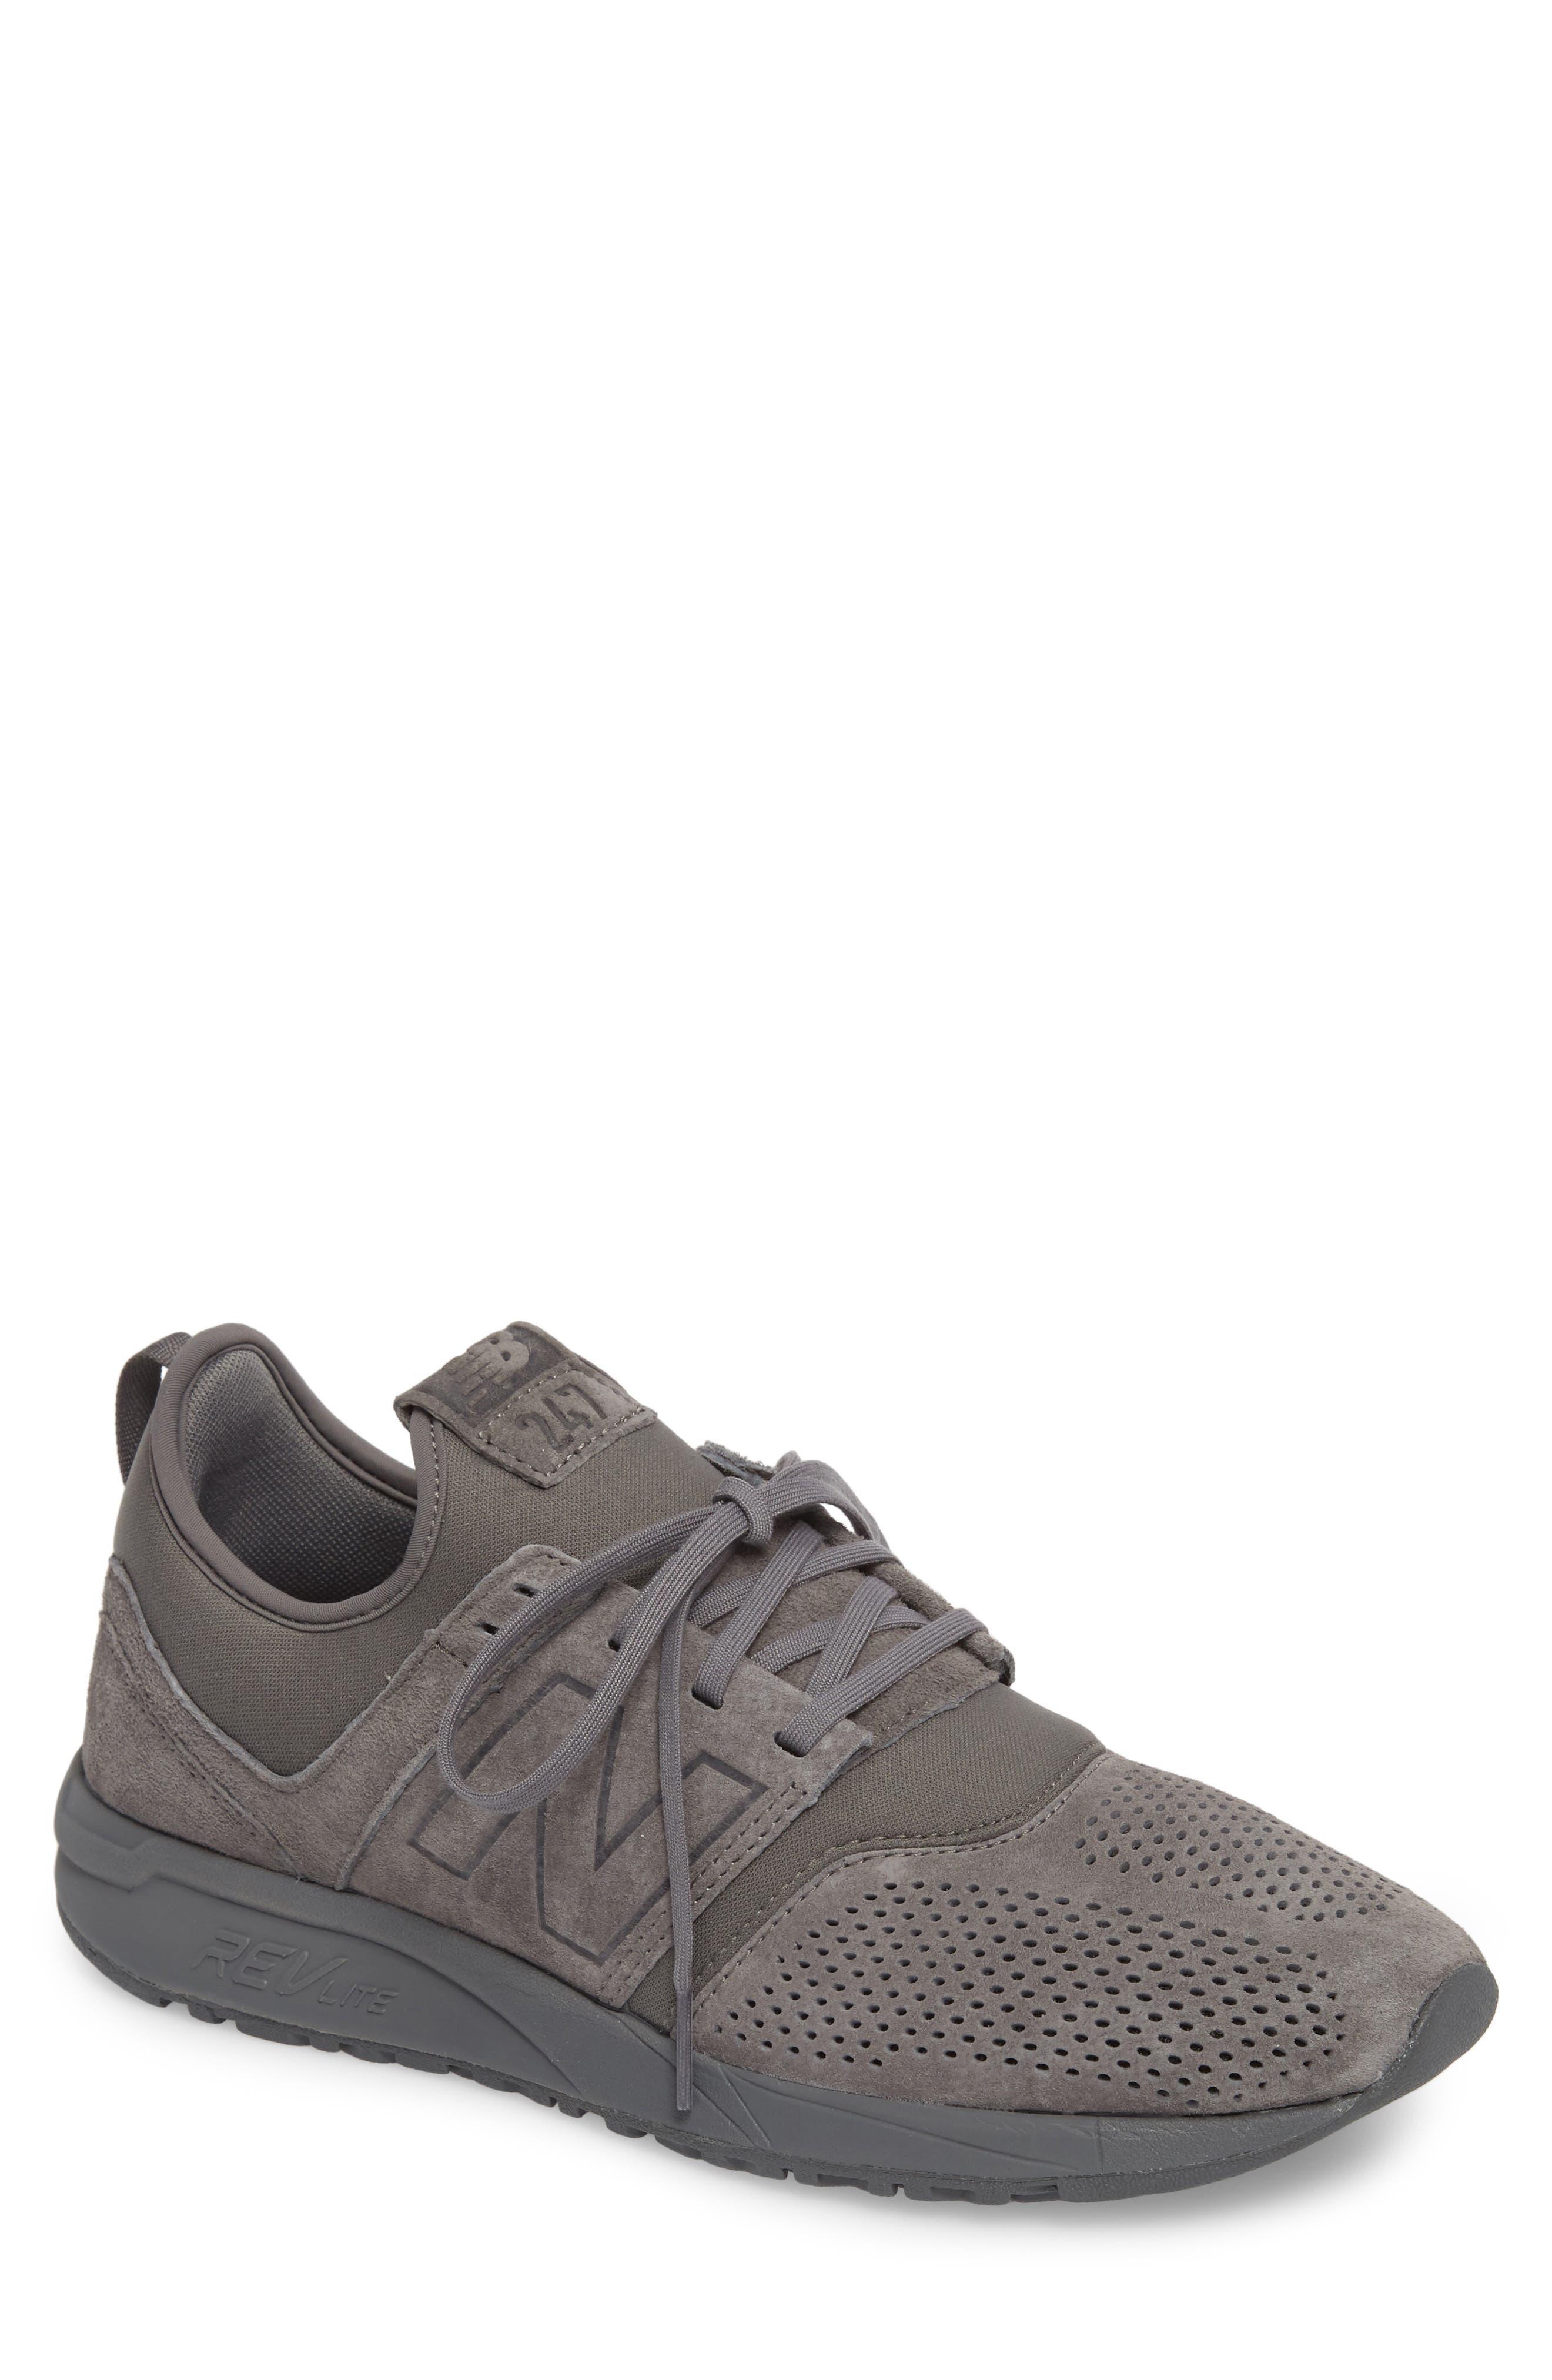 MRL247 Sneaker,                         Main,                         color,